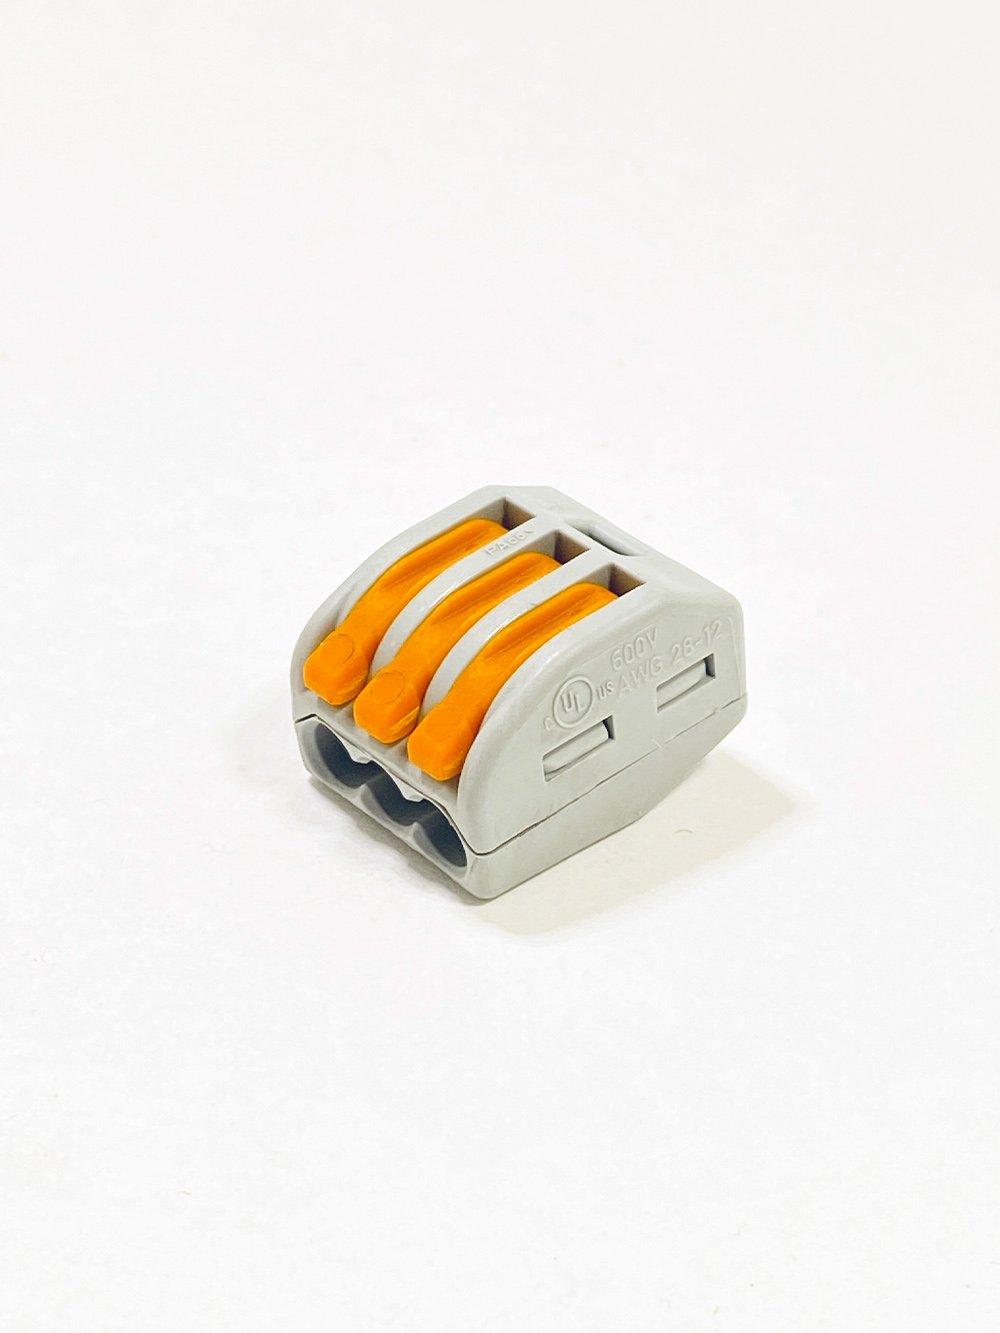 Клеммник EKF 3-й (0,2-4мм) флажковый